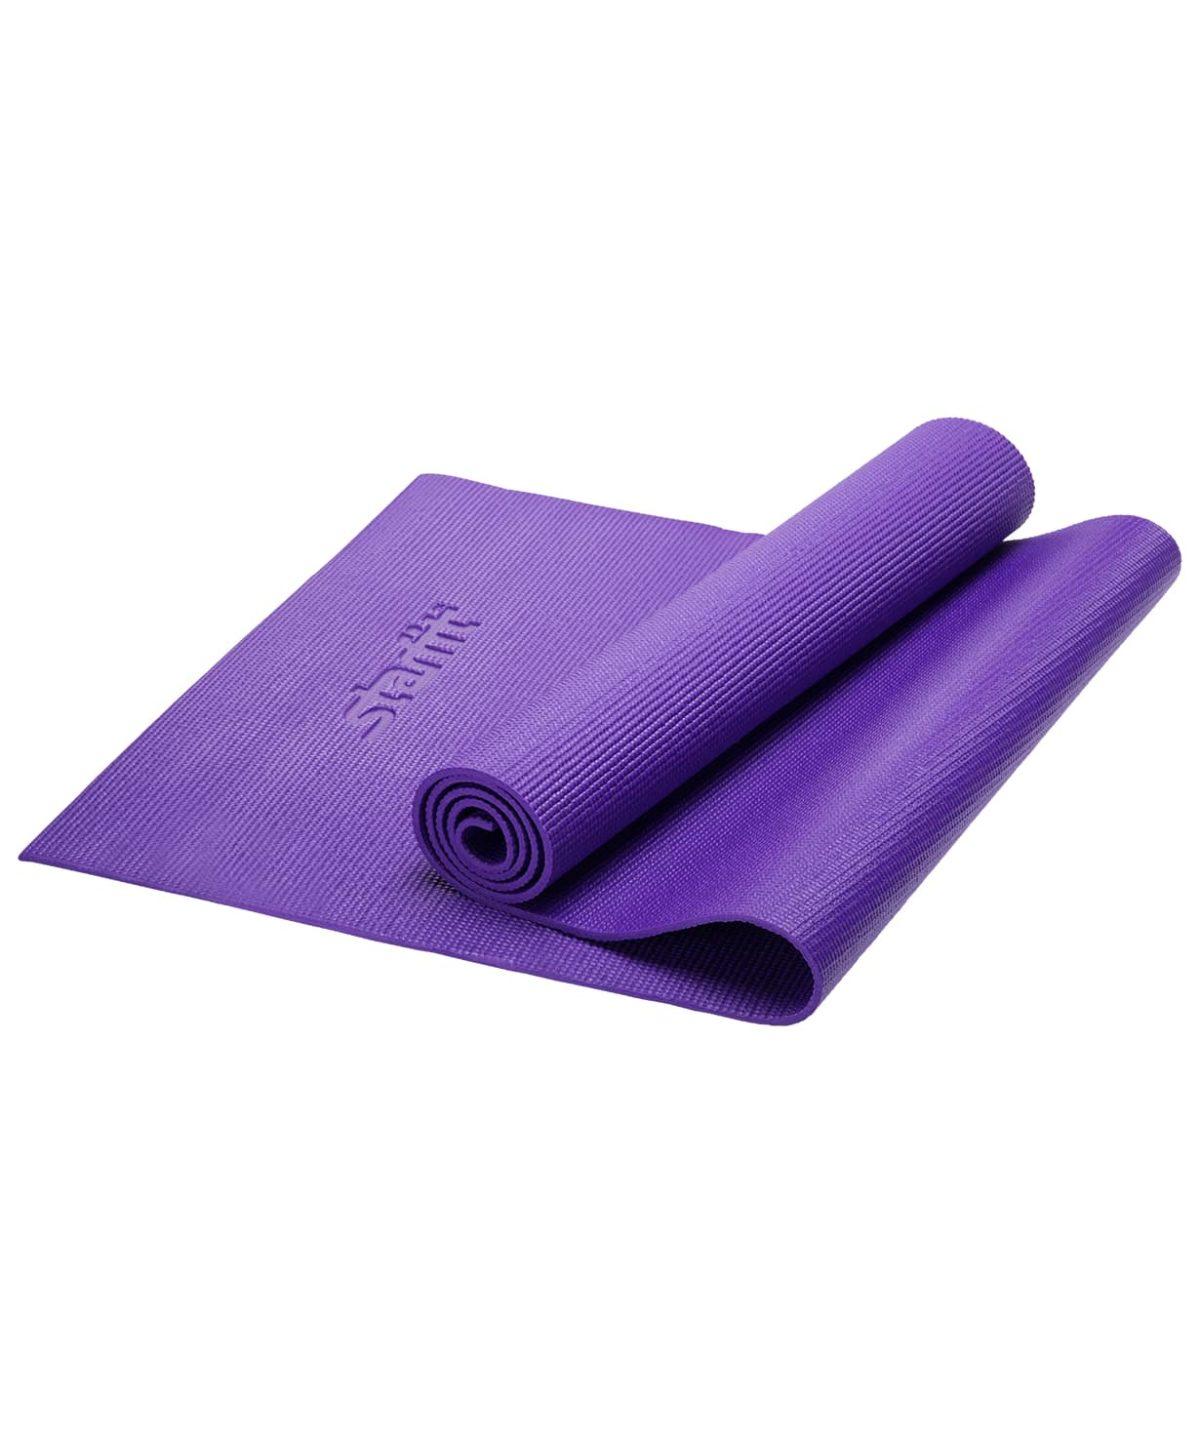 STARFIT Коврик для йоги FM-101 173х61х0,6 см: фиолетовый - 1